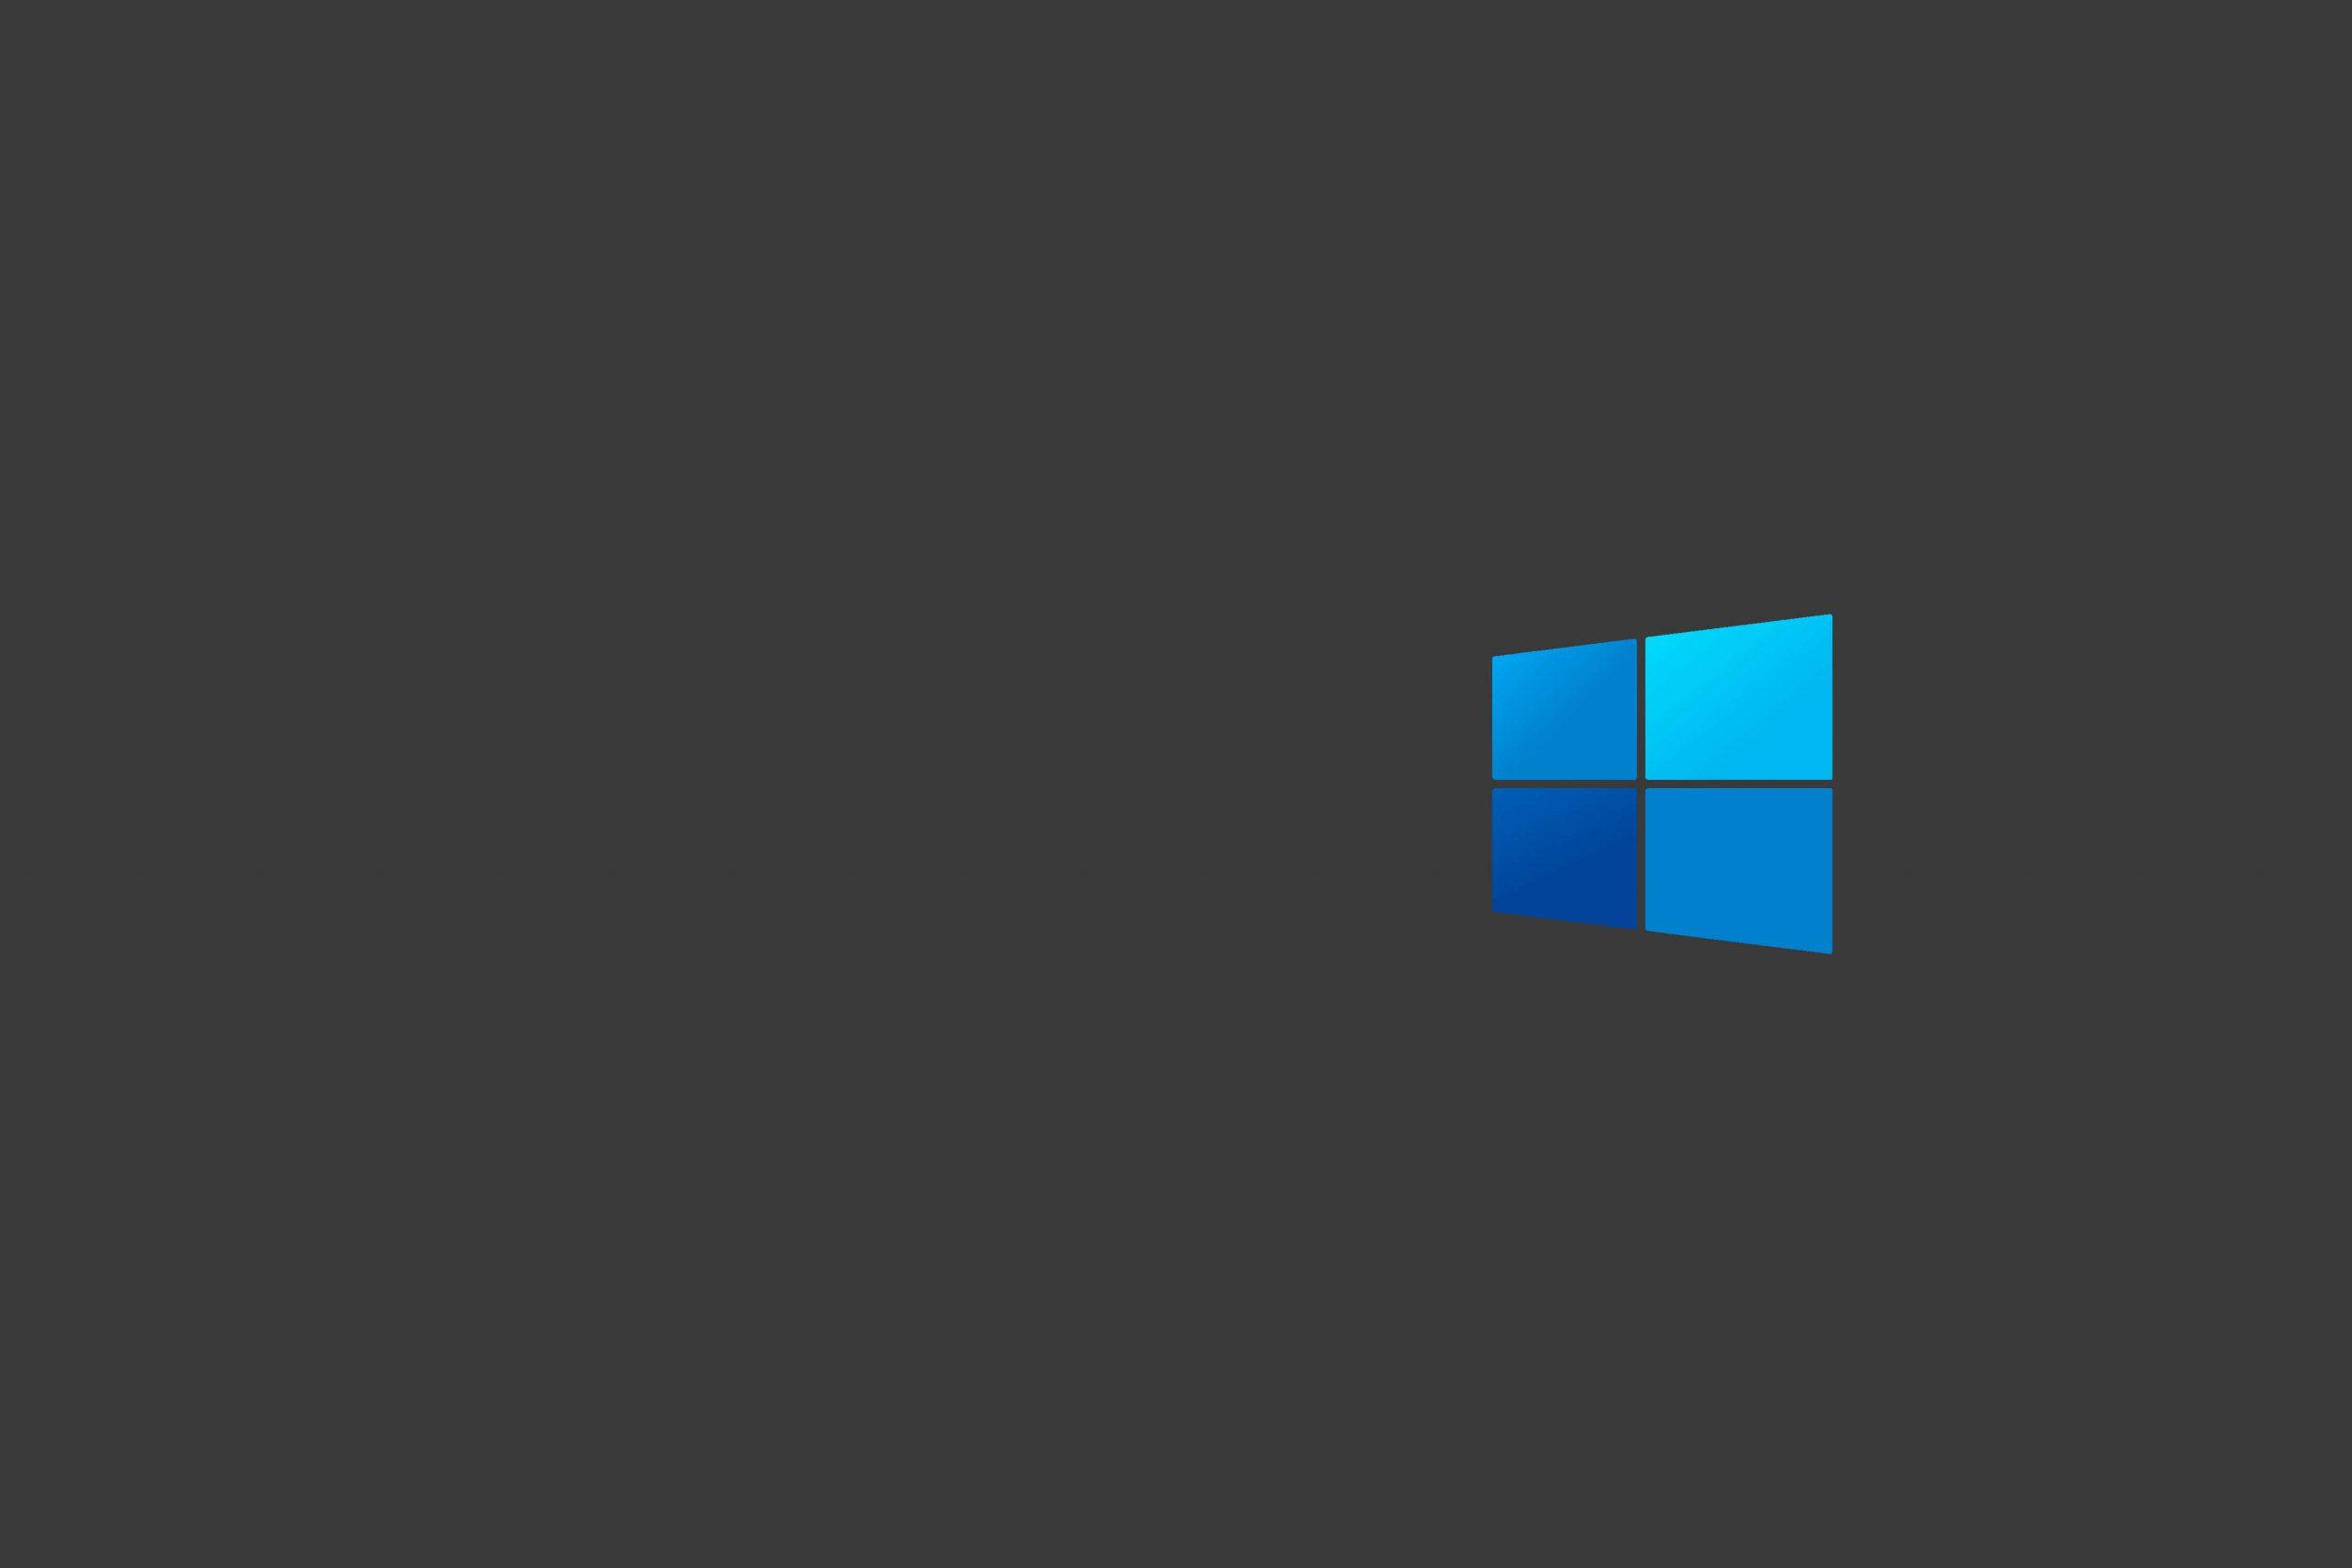 Windows 10x Image